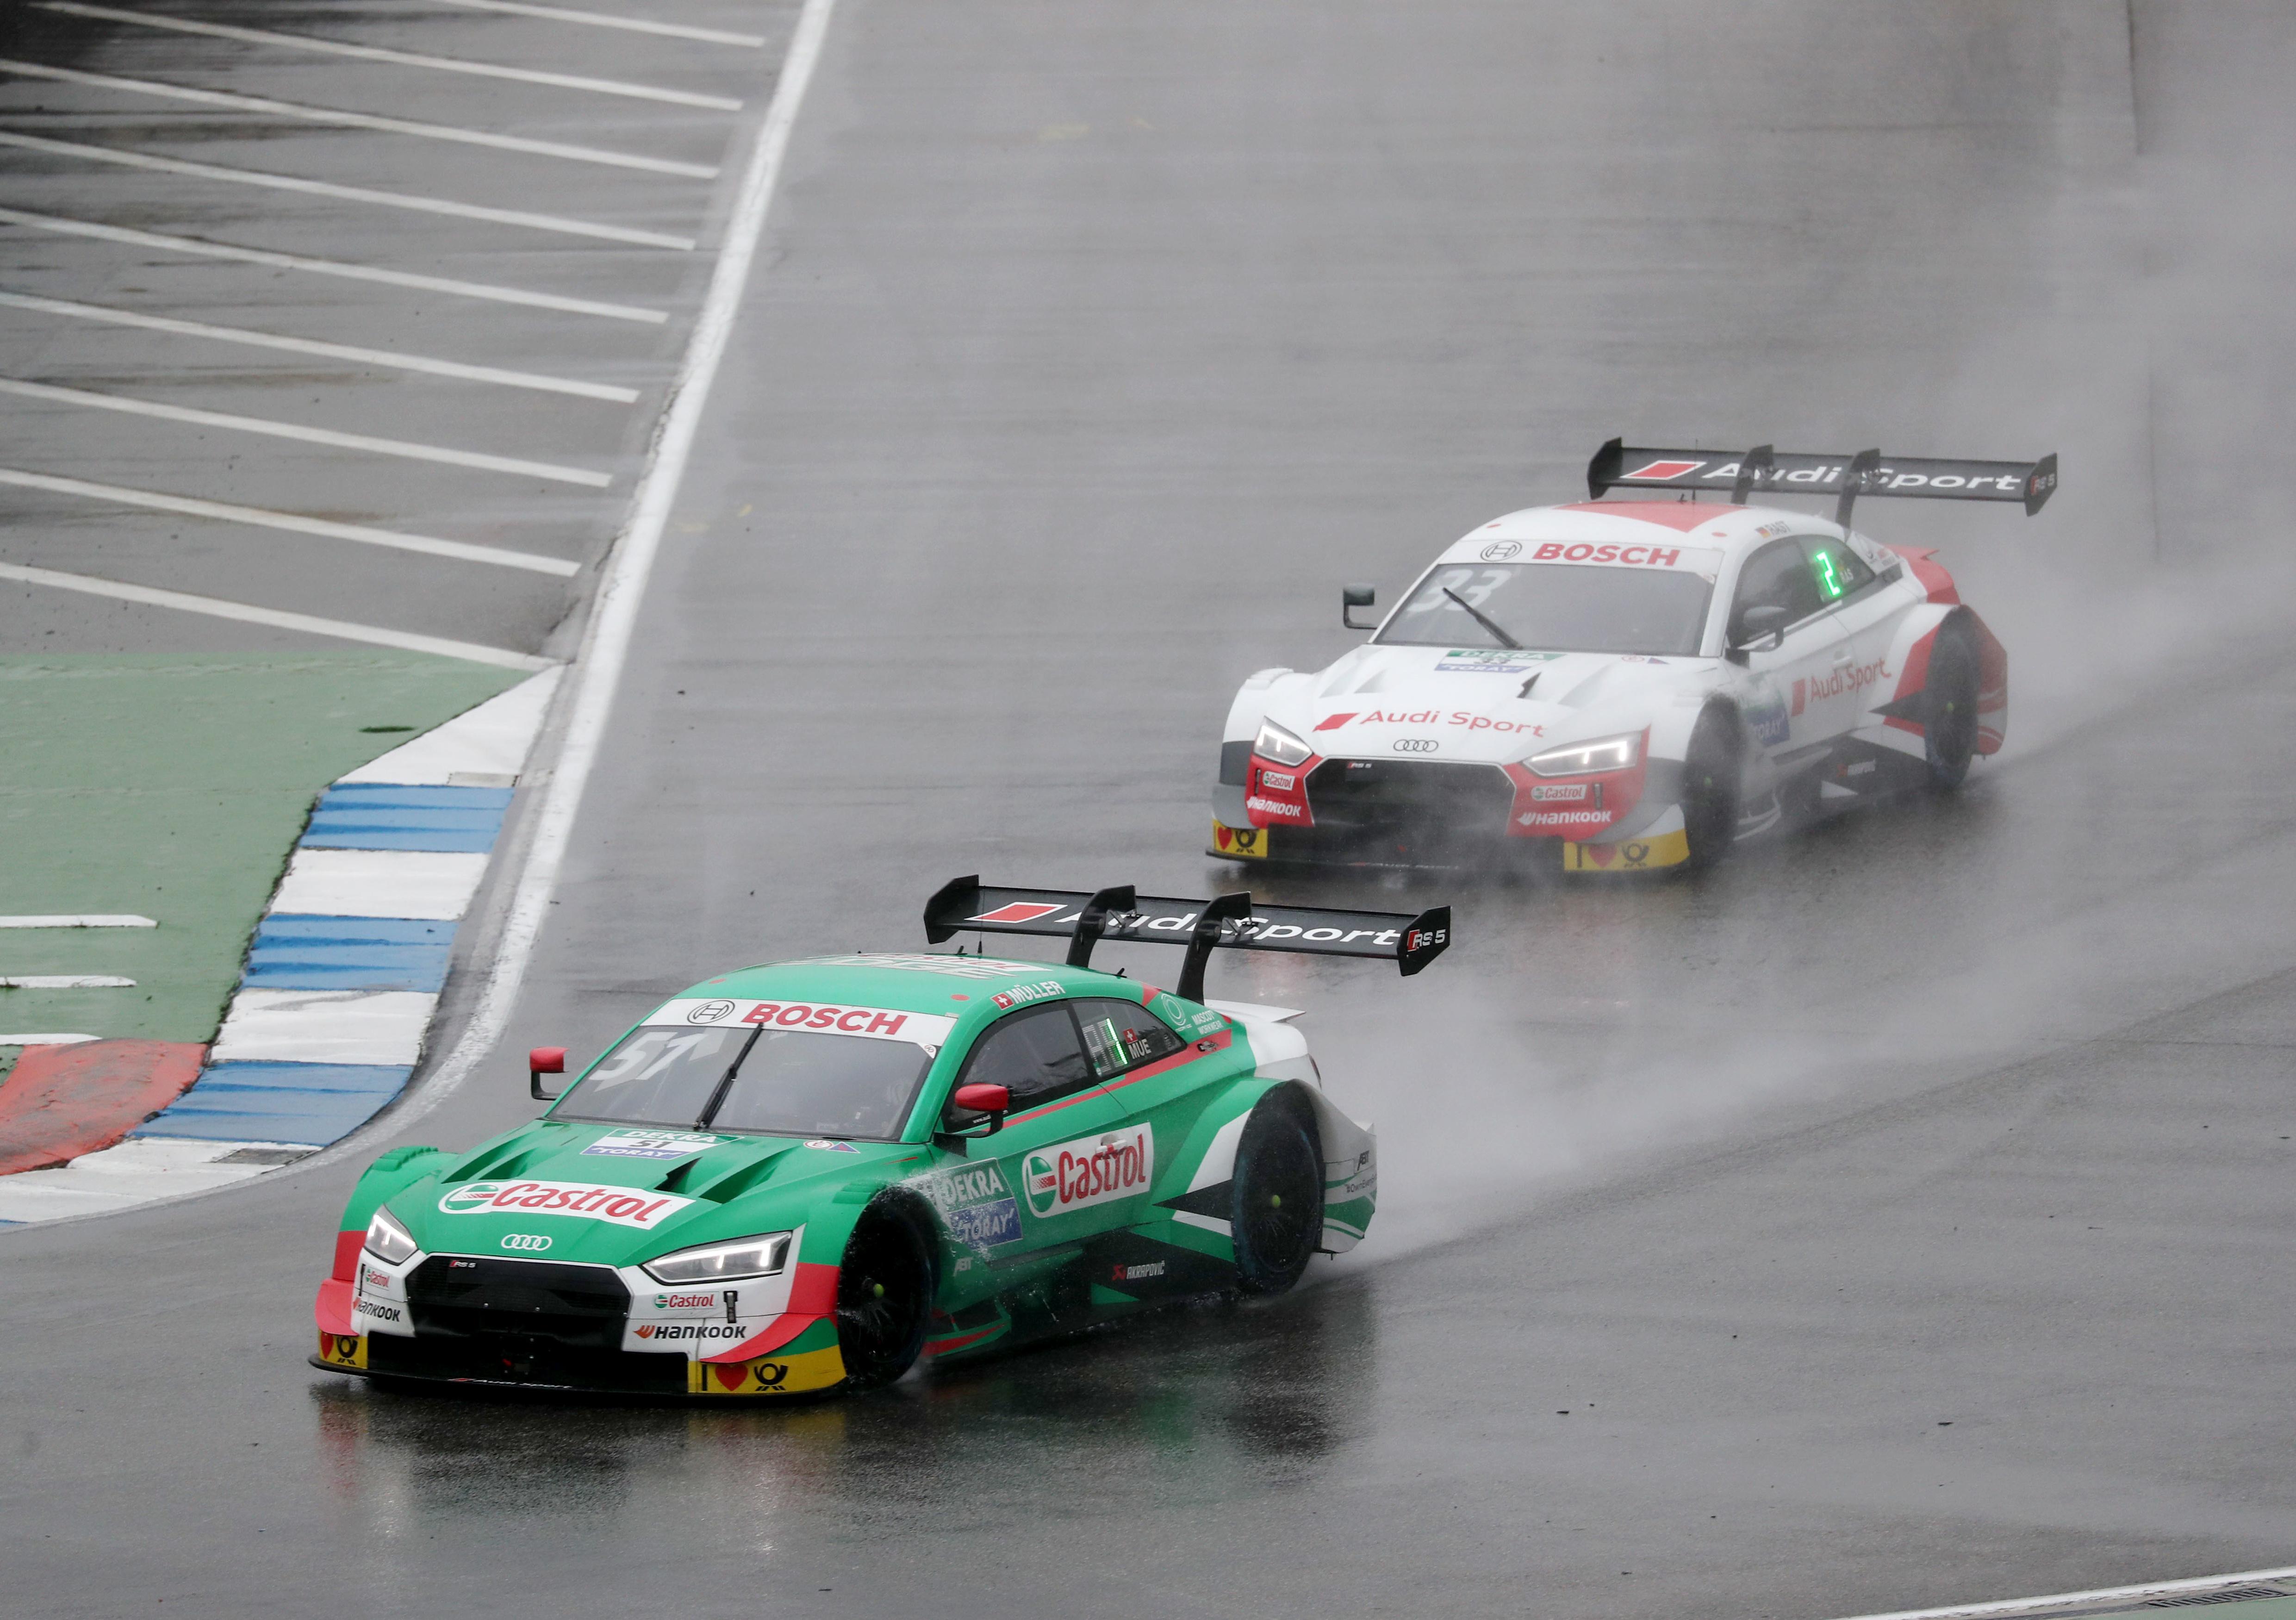 Idén sem nyúl bele DTM-felállásába az Audi